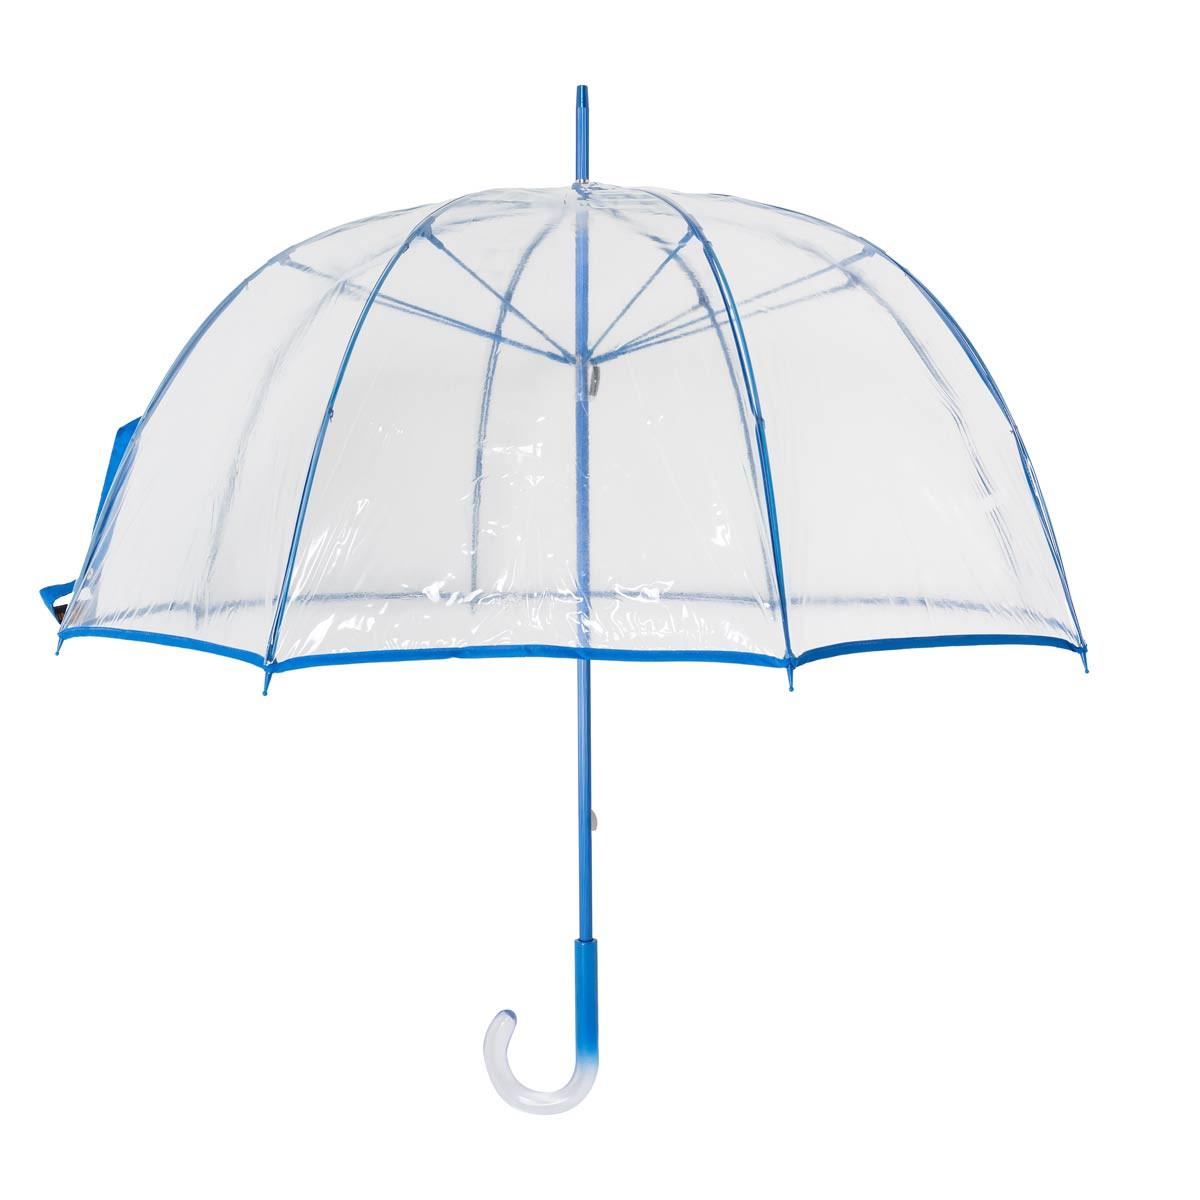 Paraguas cúpula transparente 3656 azul